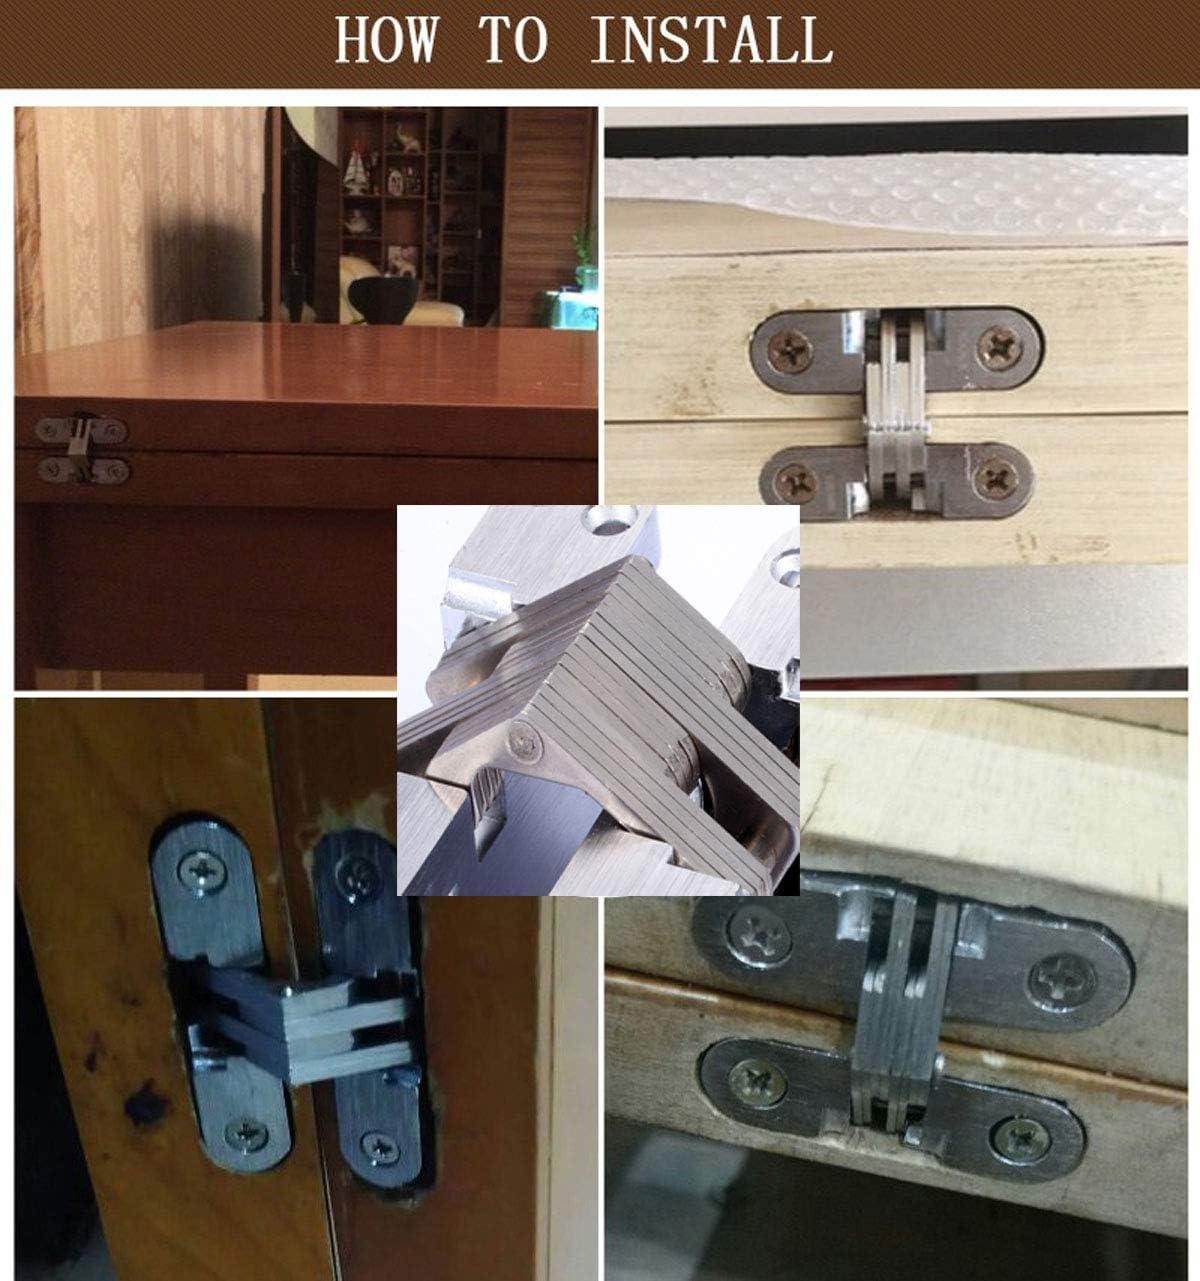 Xuee Hidden Door Hinges Invisible Hinges Hidden Hinges zinc Alloy 180-degree Casement Hinges 1pair with Screw